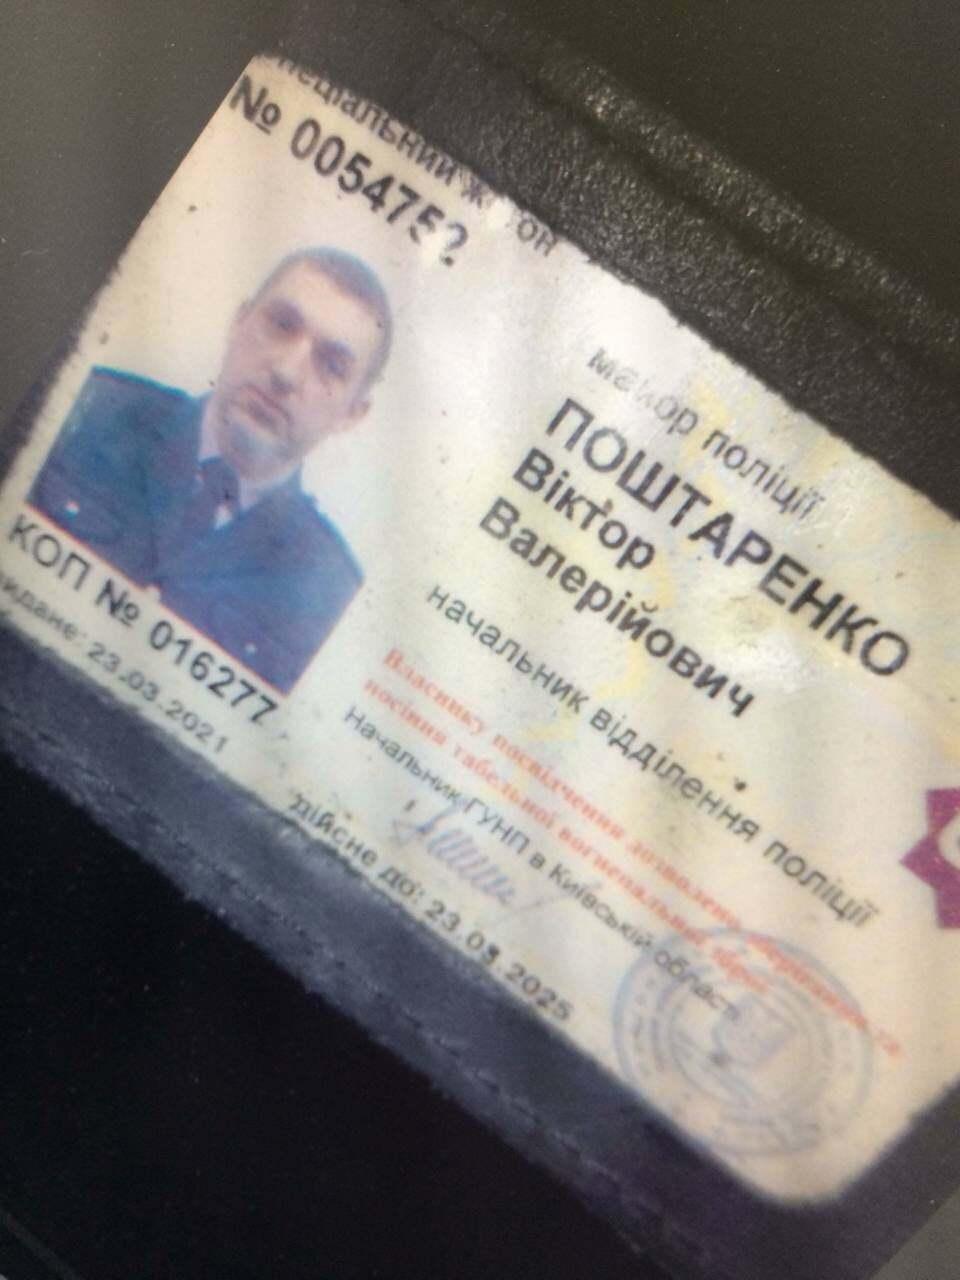 Удостоверение личности.